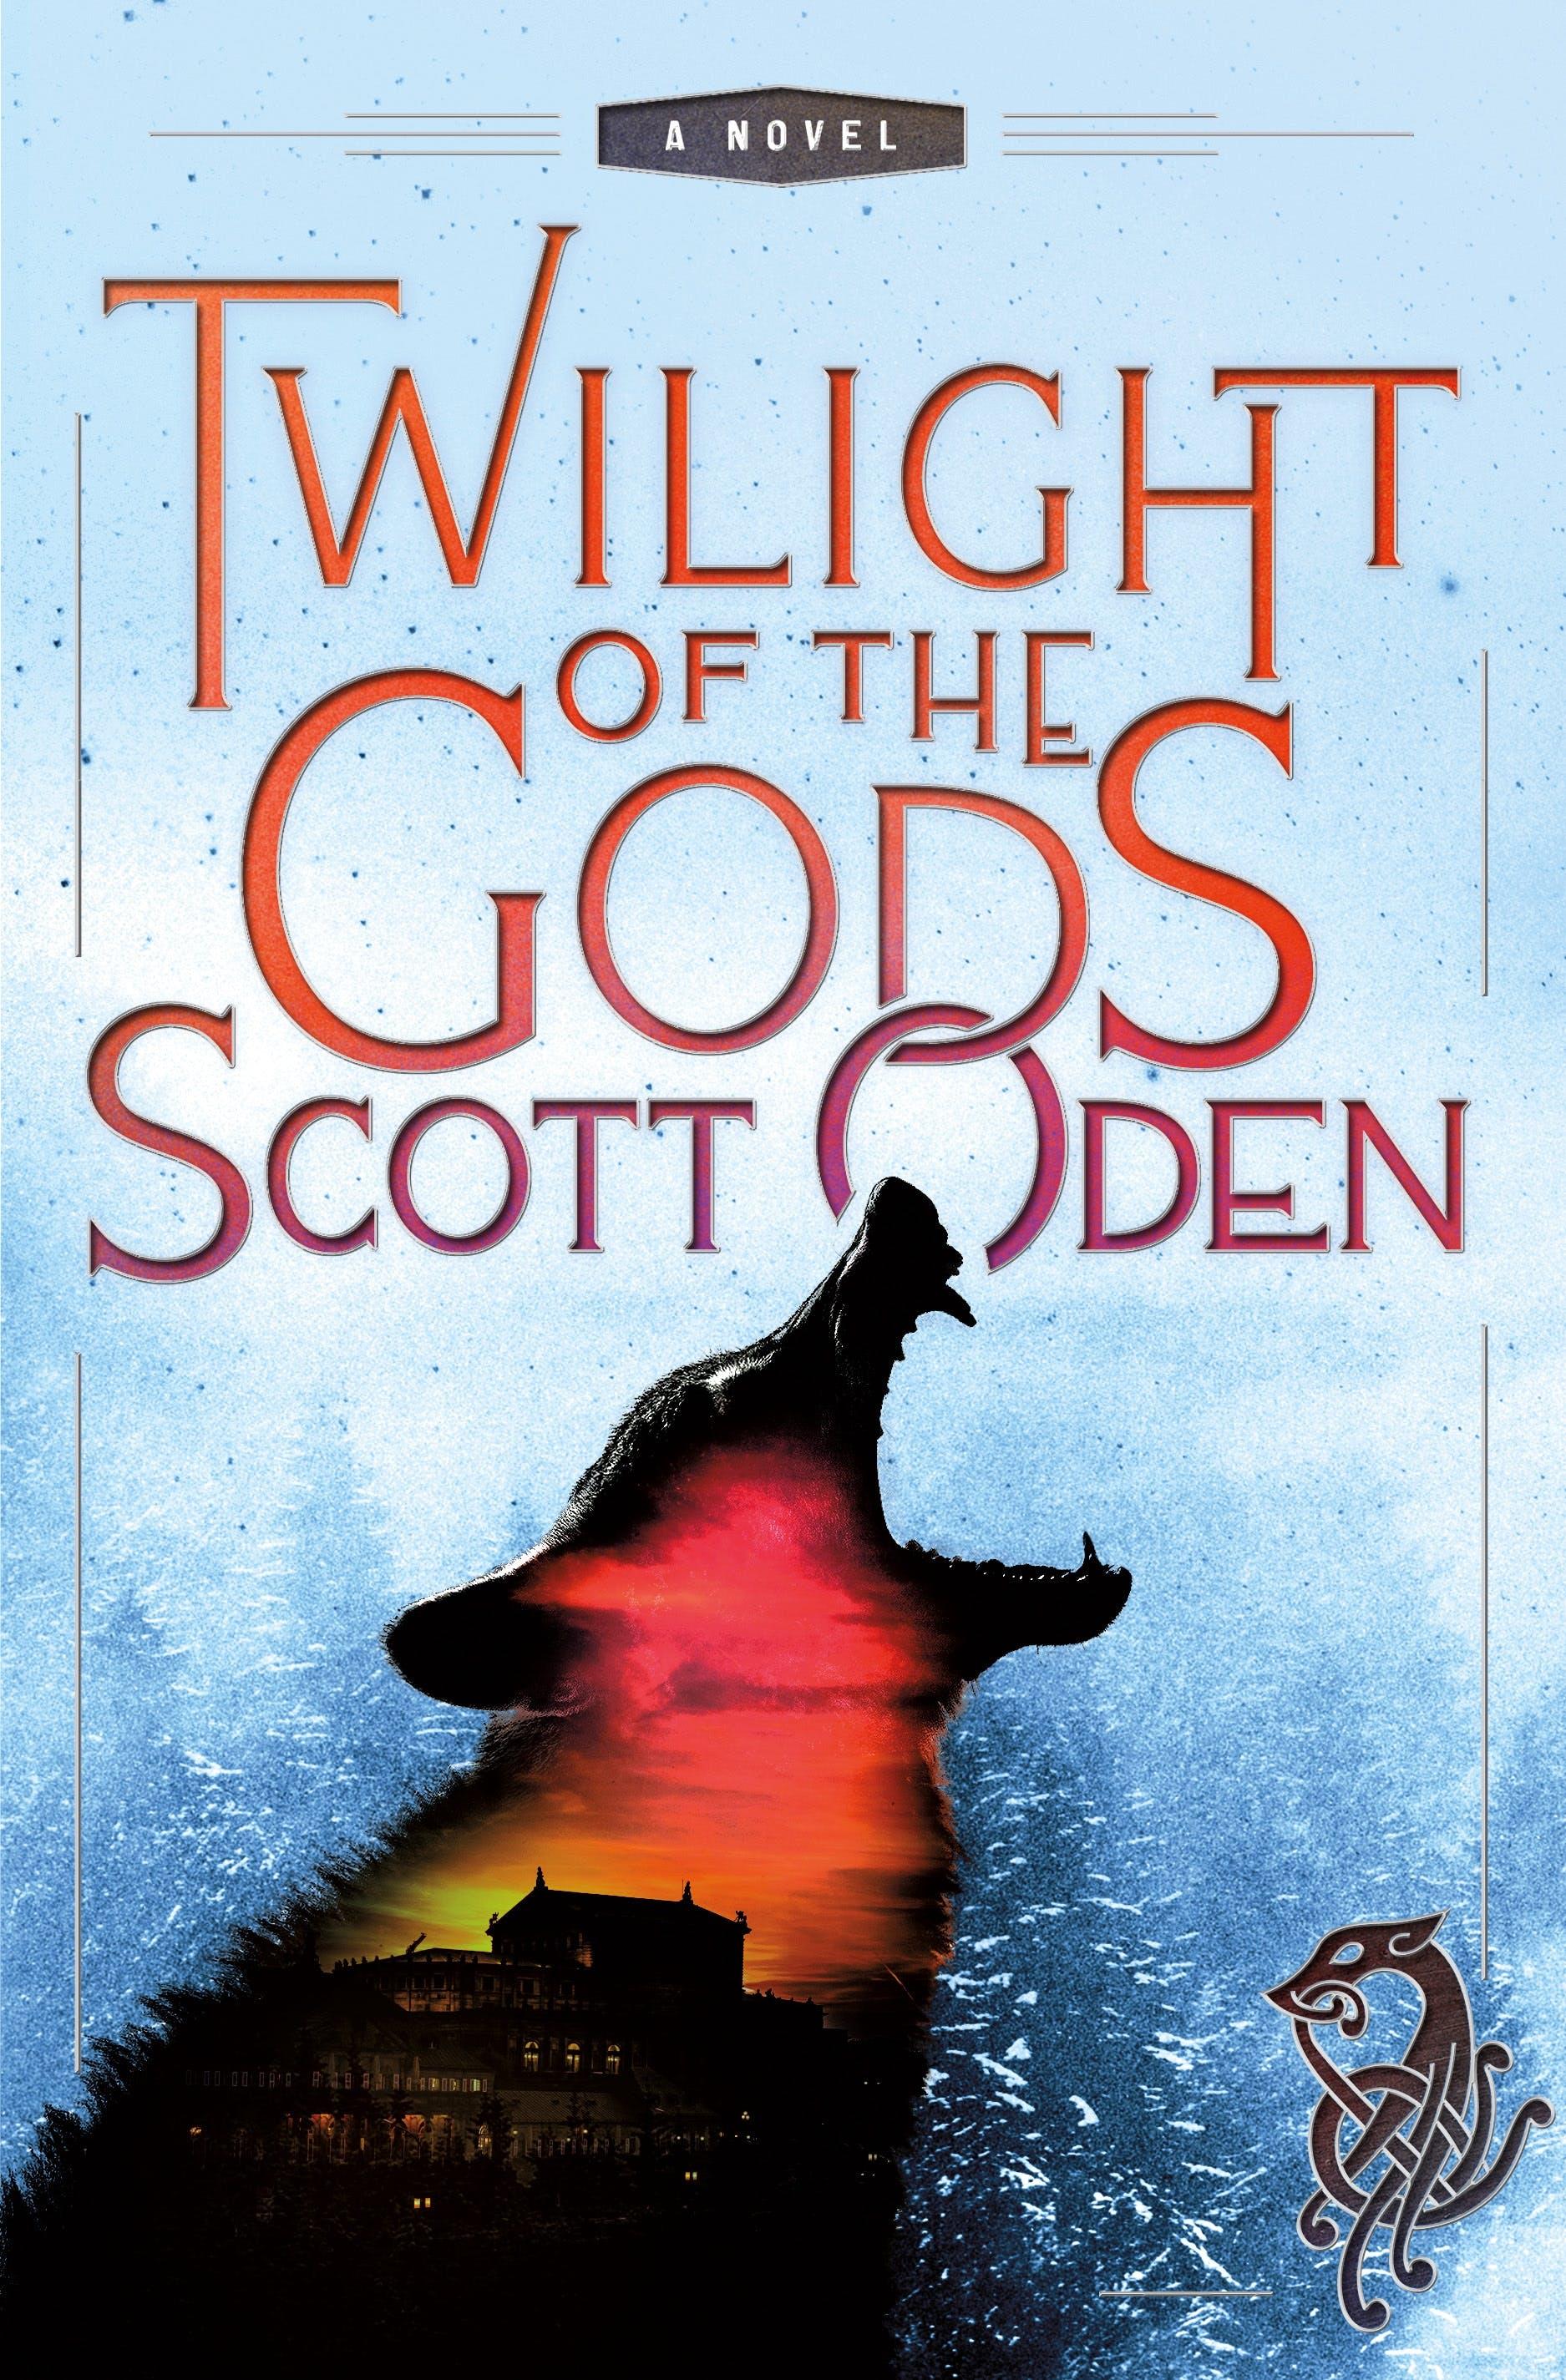 Image of Twilight of the Gods